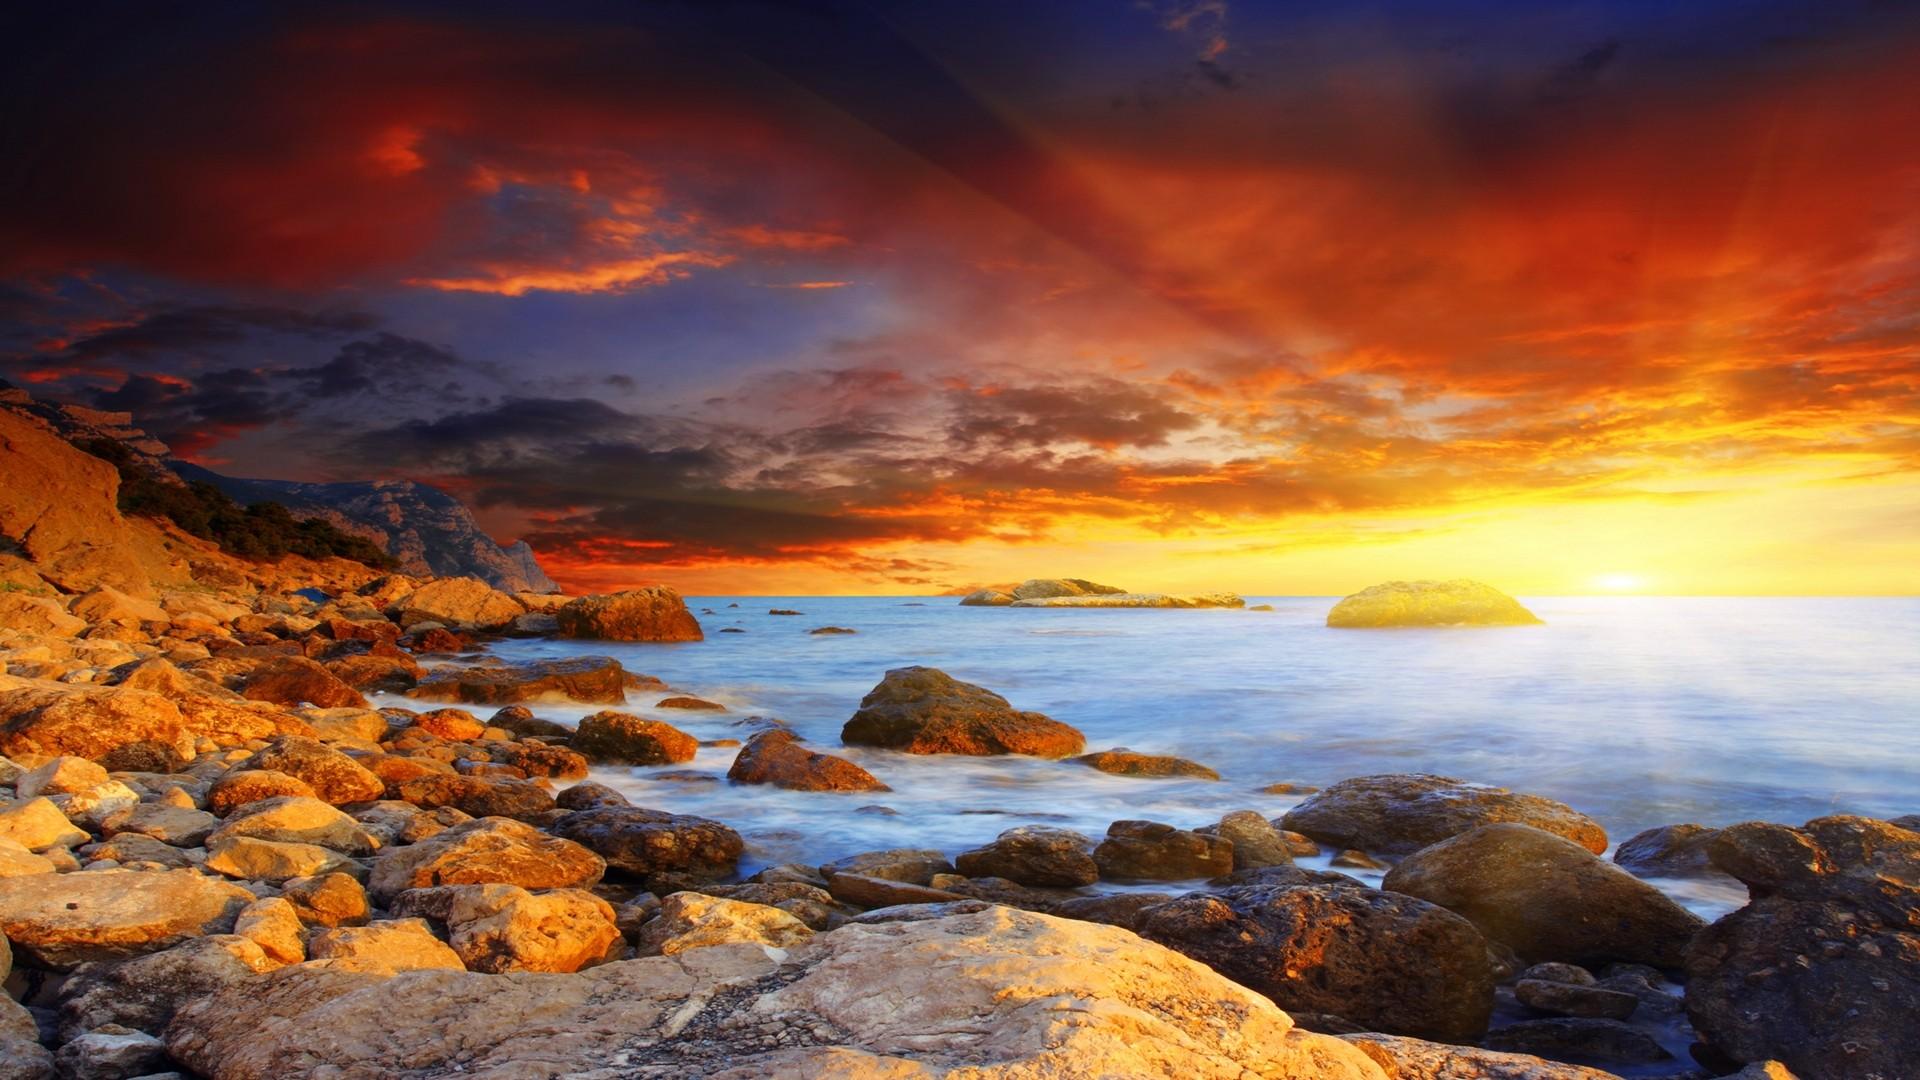 Amazing Sunset Background 28993 1920x1080 Px